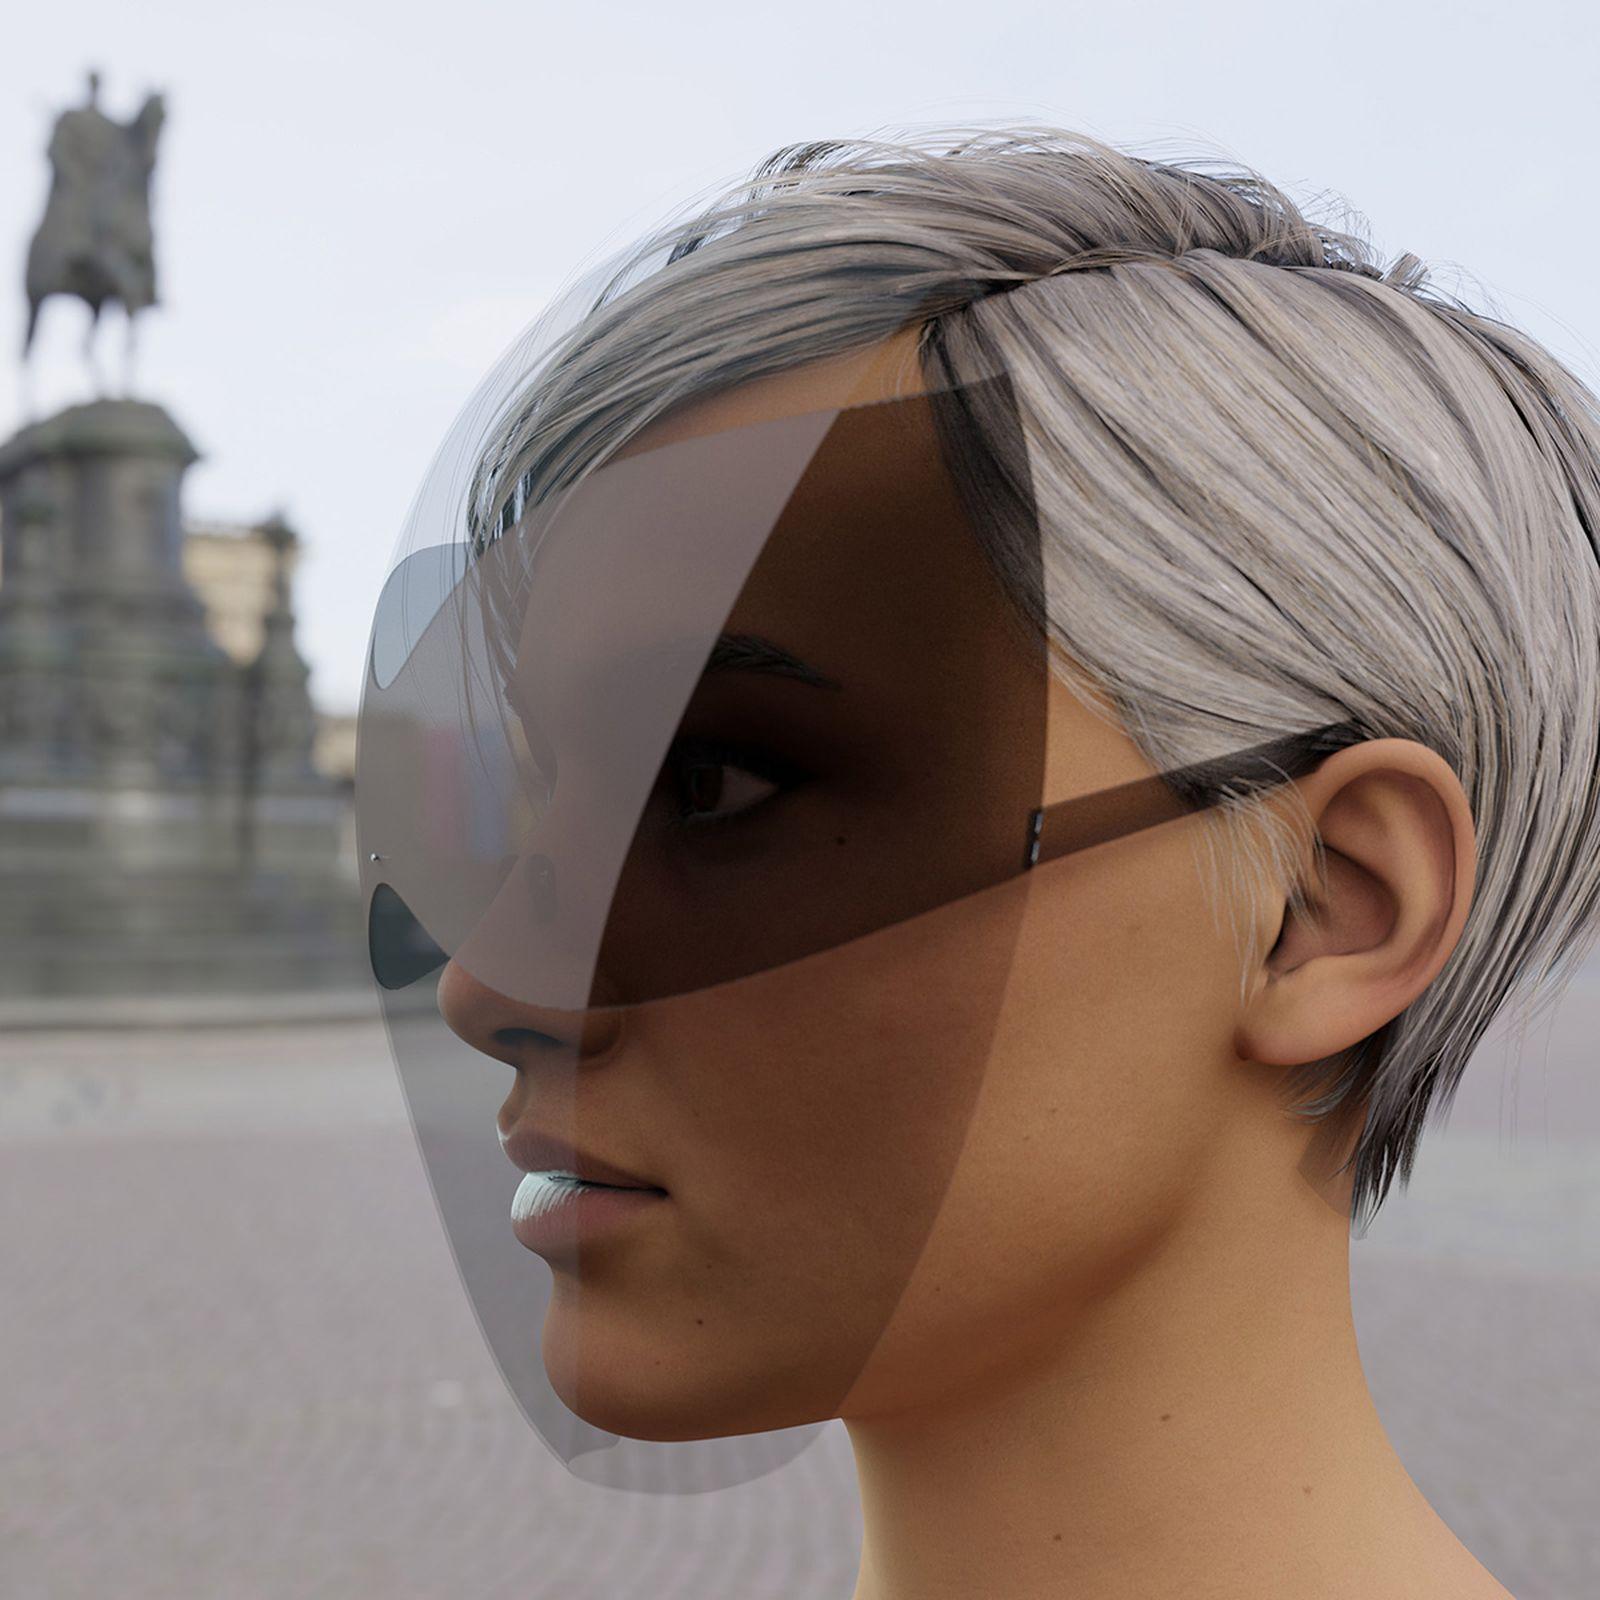 joe-doucet-face-shields-01